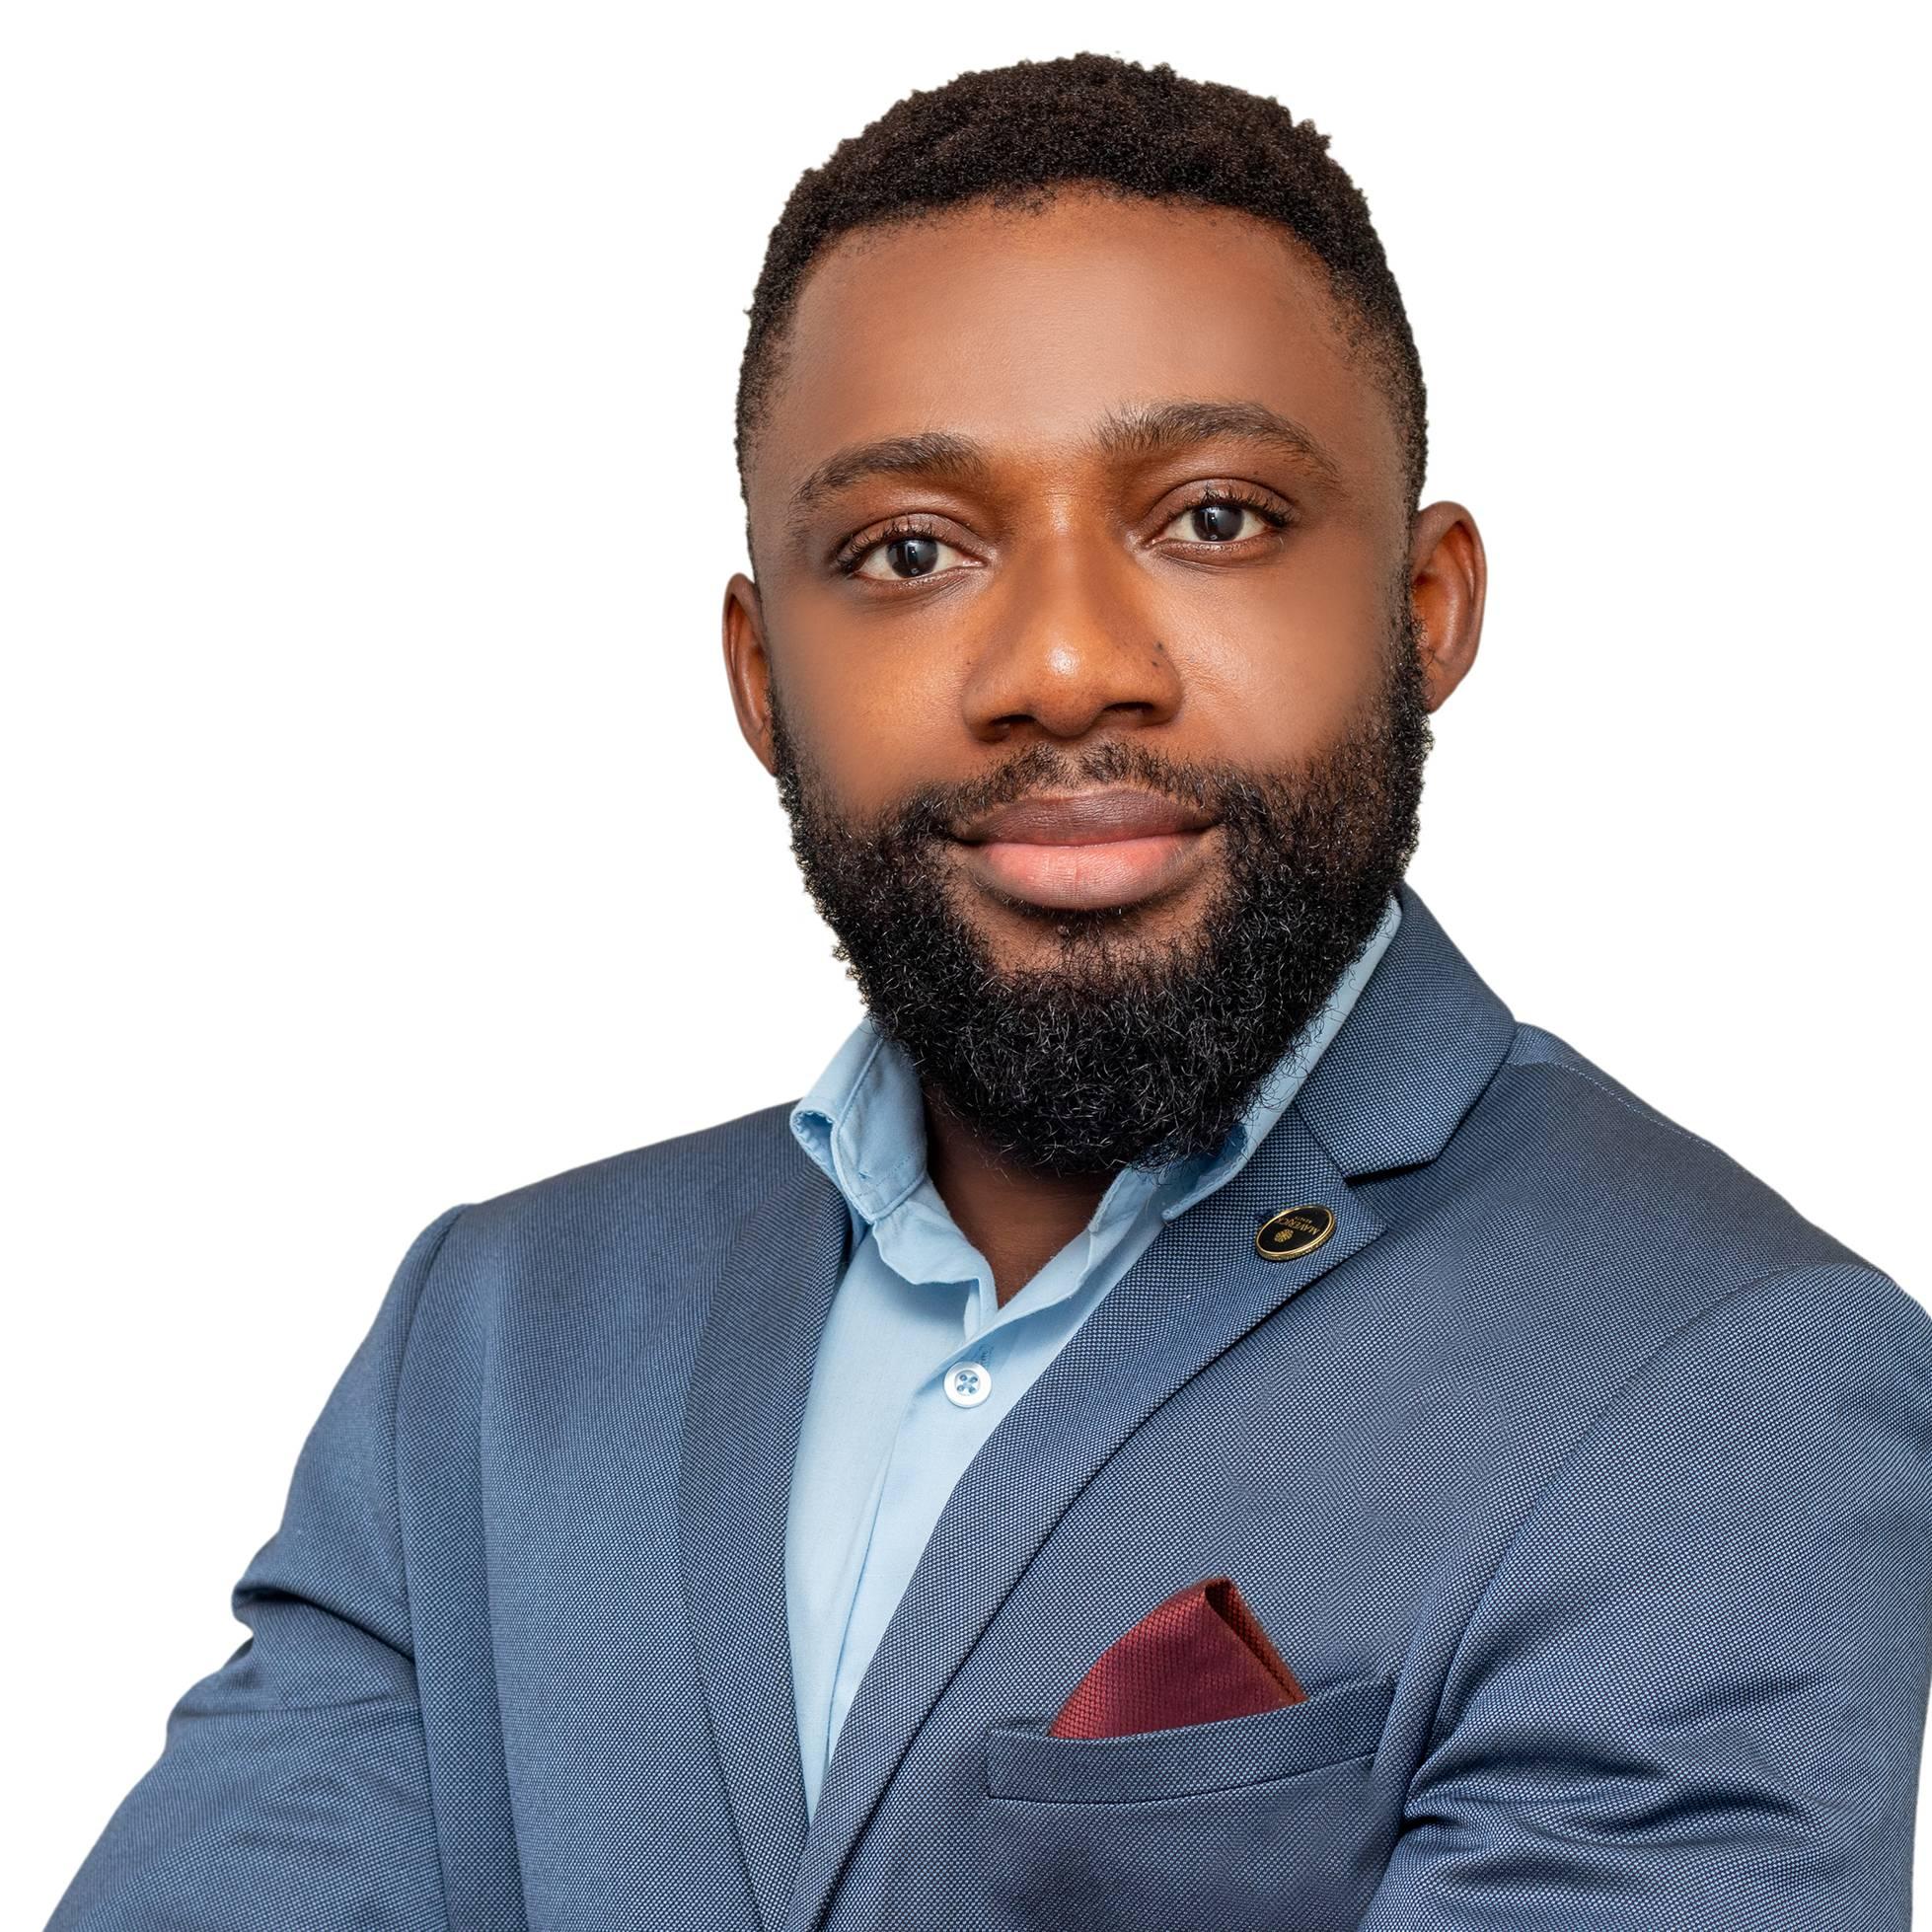 Basil Ngome